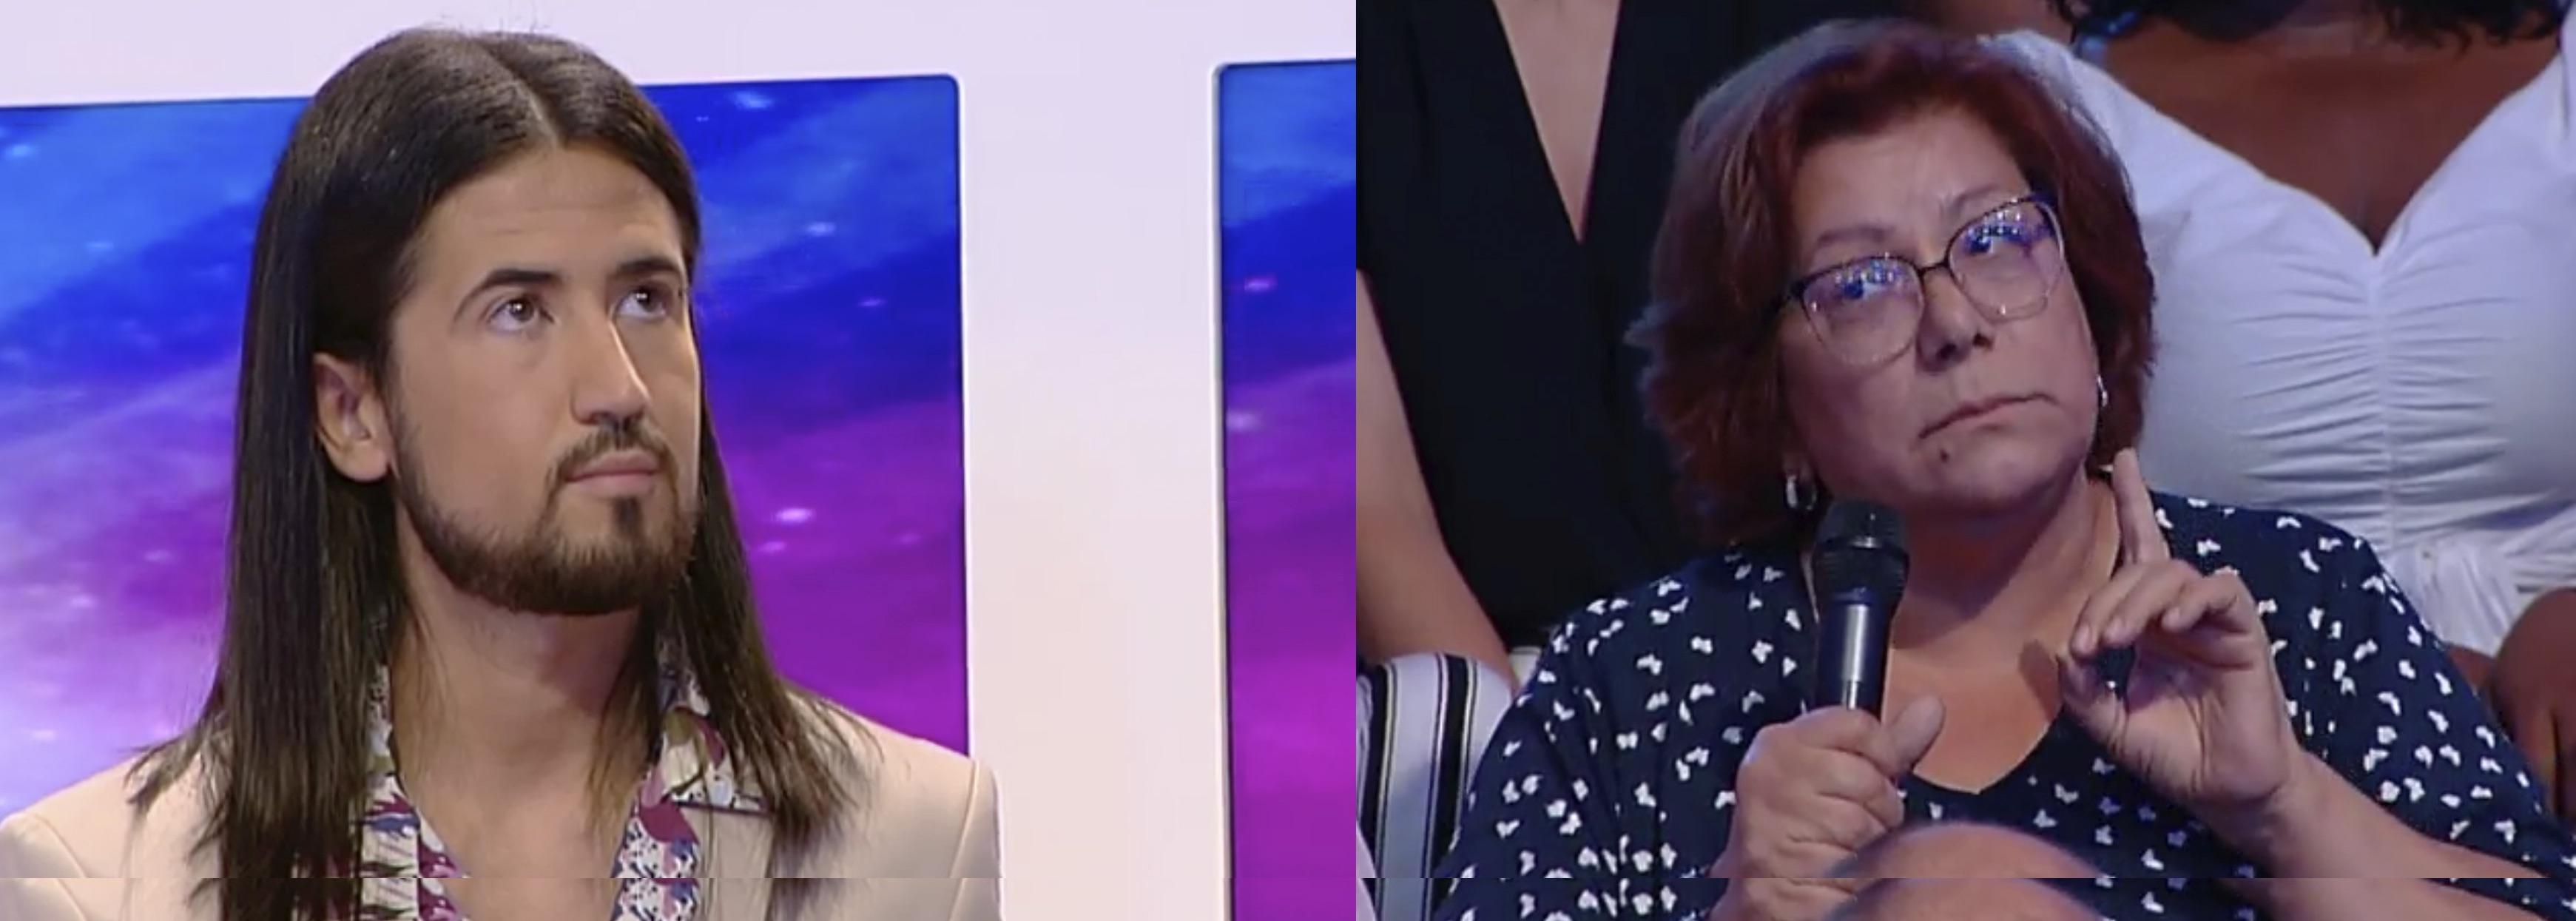 Casa Dos Segredos Cesar Delfina César E Mãe De Gabriela Em Grande Discussão Na Gala